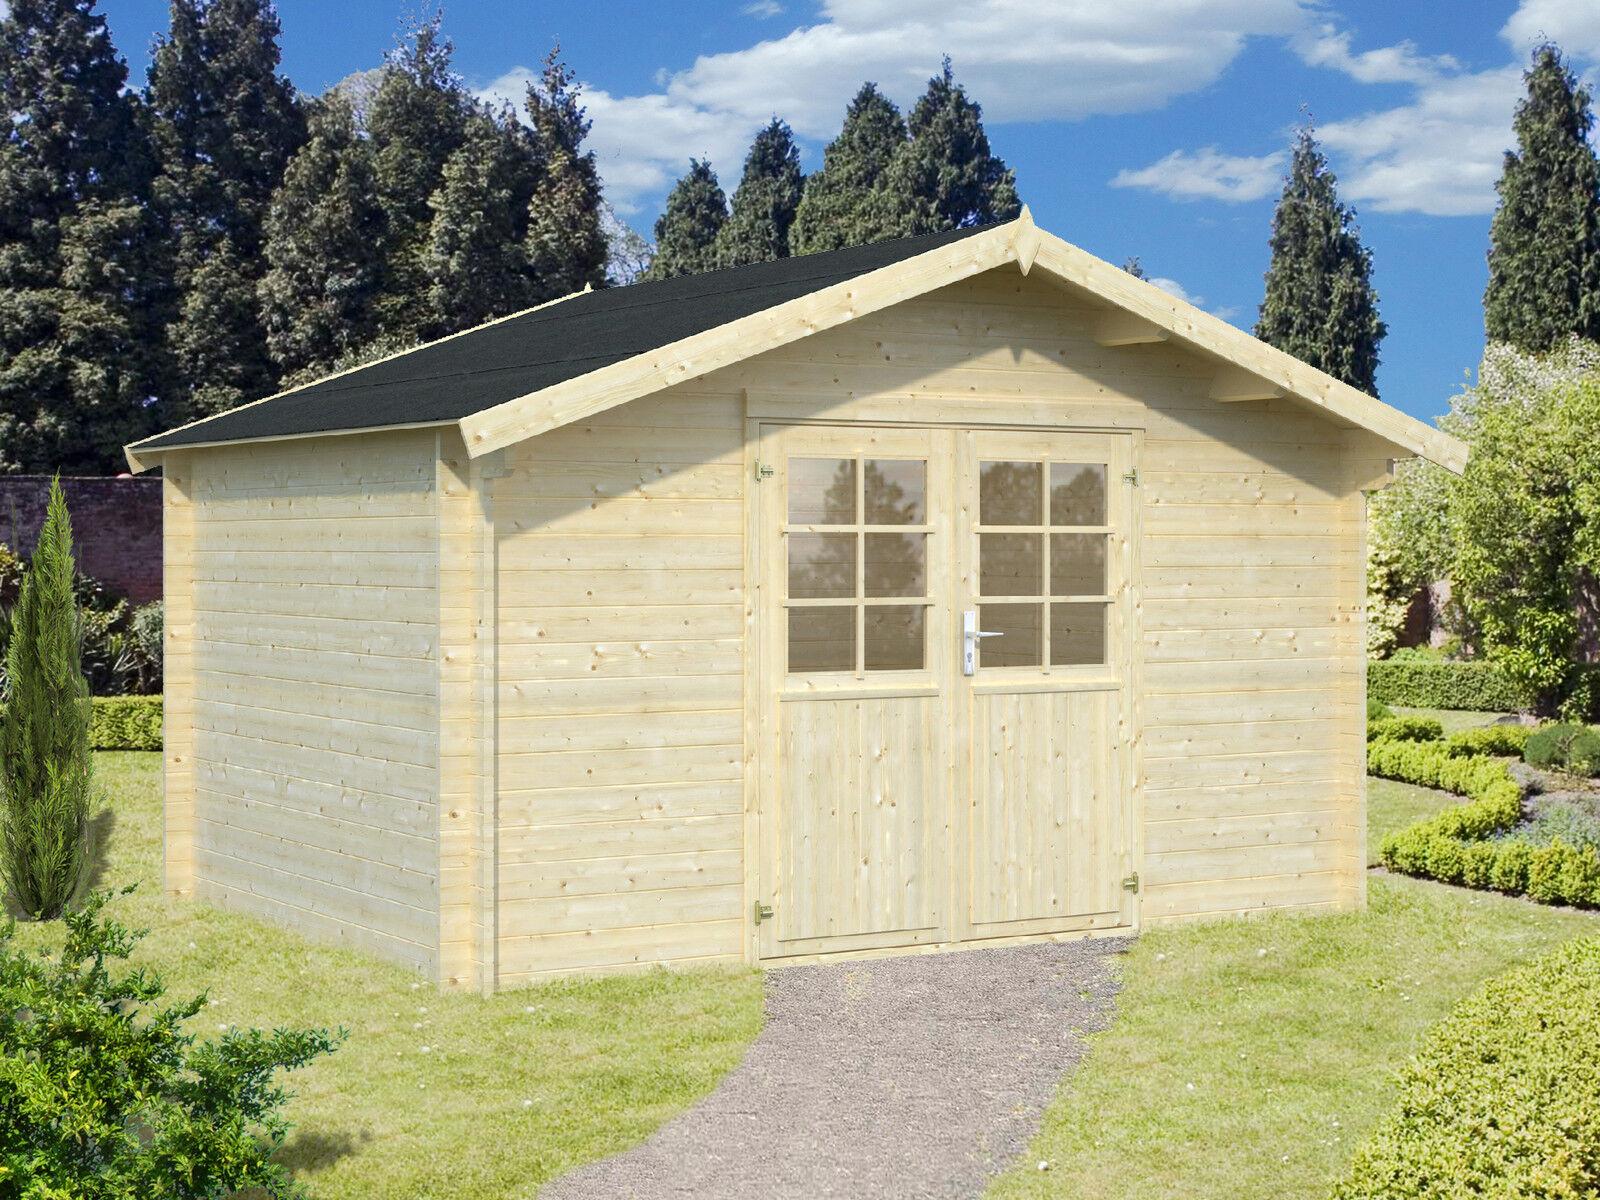 sofort abholbereit 34 mm gartenhaus greta ca. 4x3 m gerätehaus